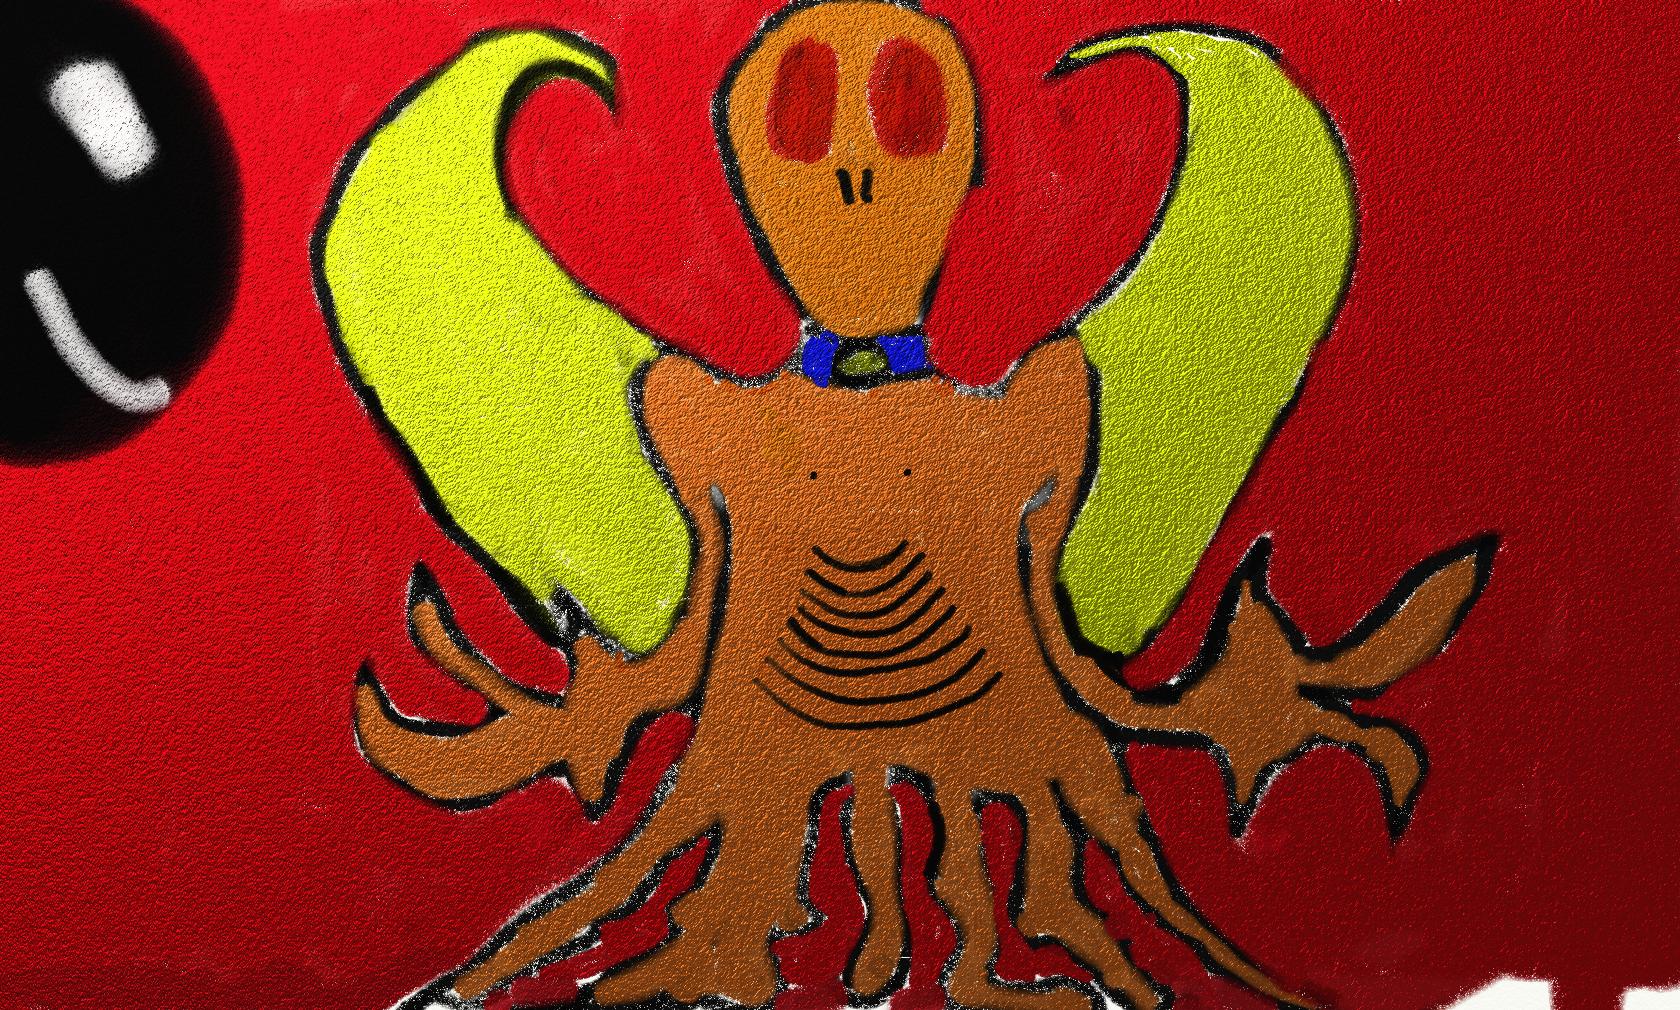 Alien Man Thing